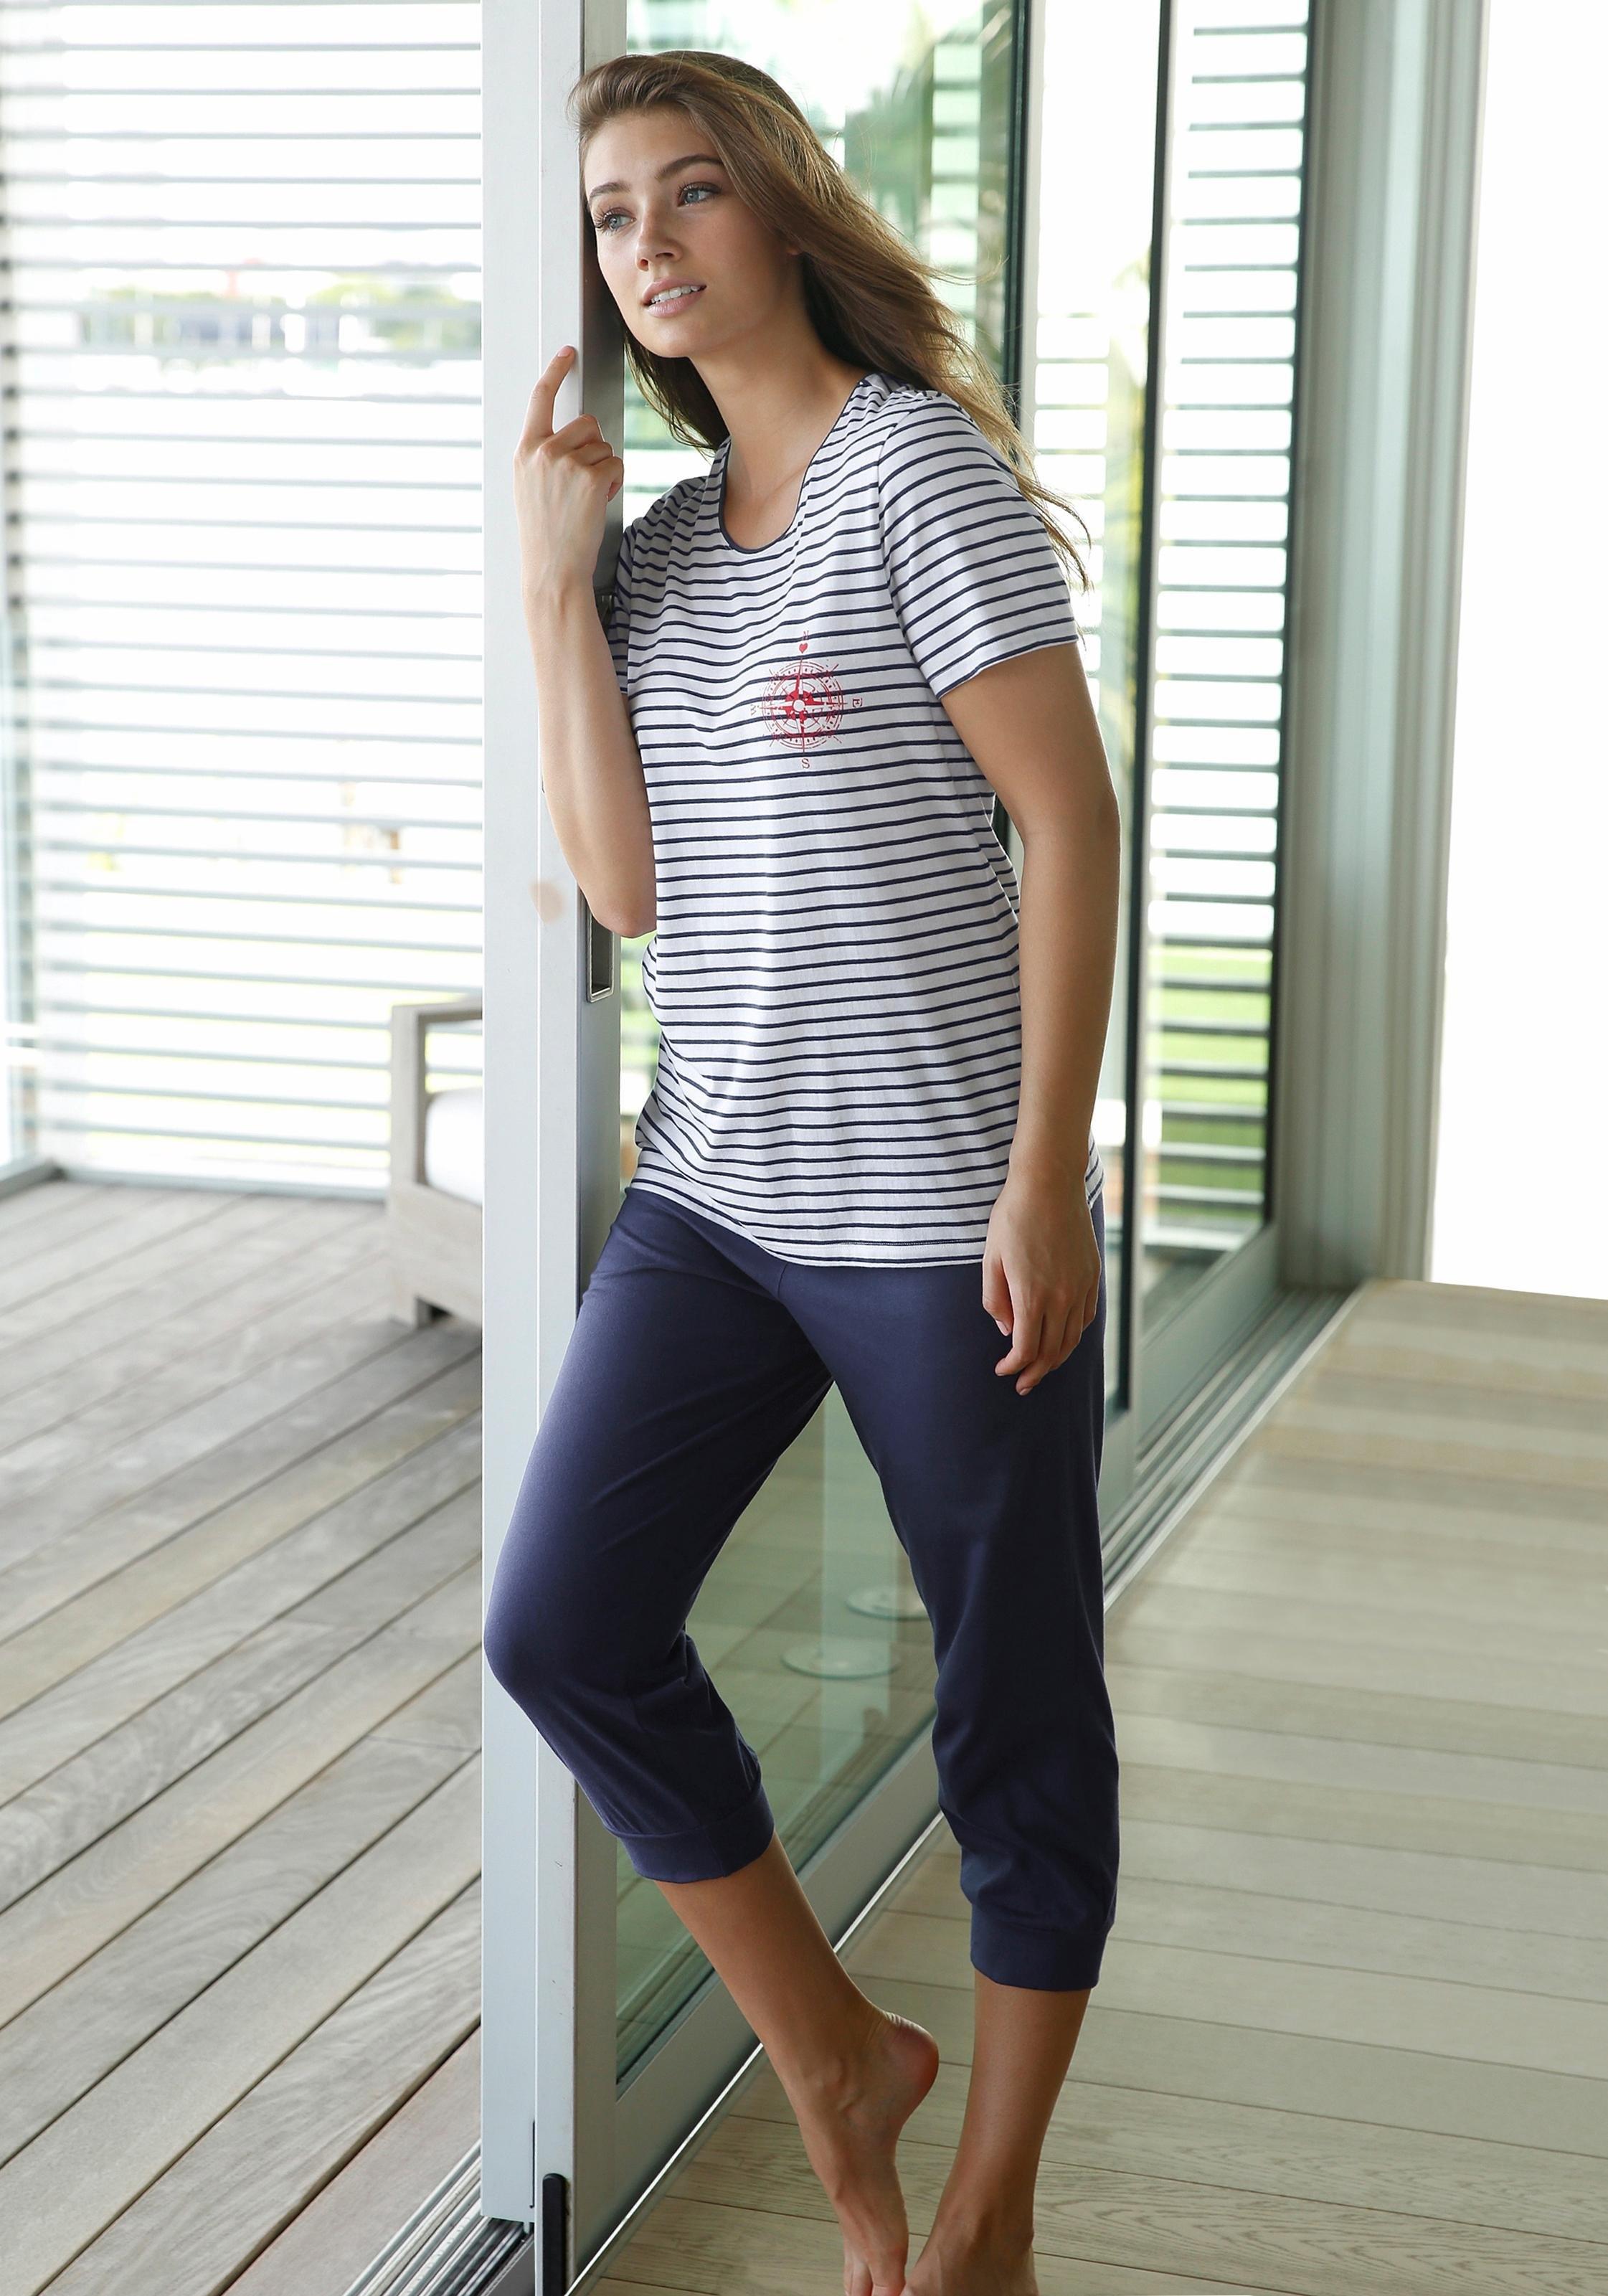 Op zoek naar een Schiesser capripyjama in marine-look? Koop online bij Lascana